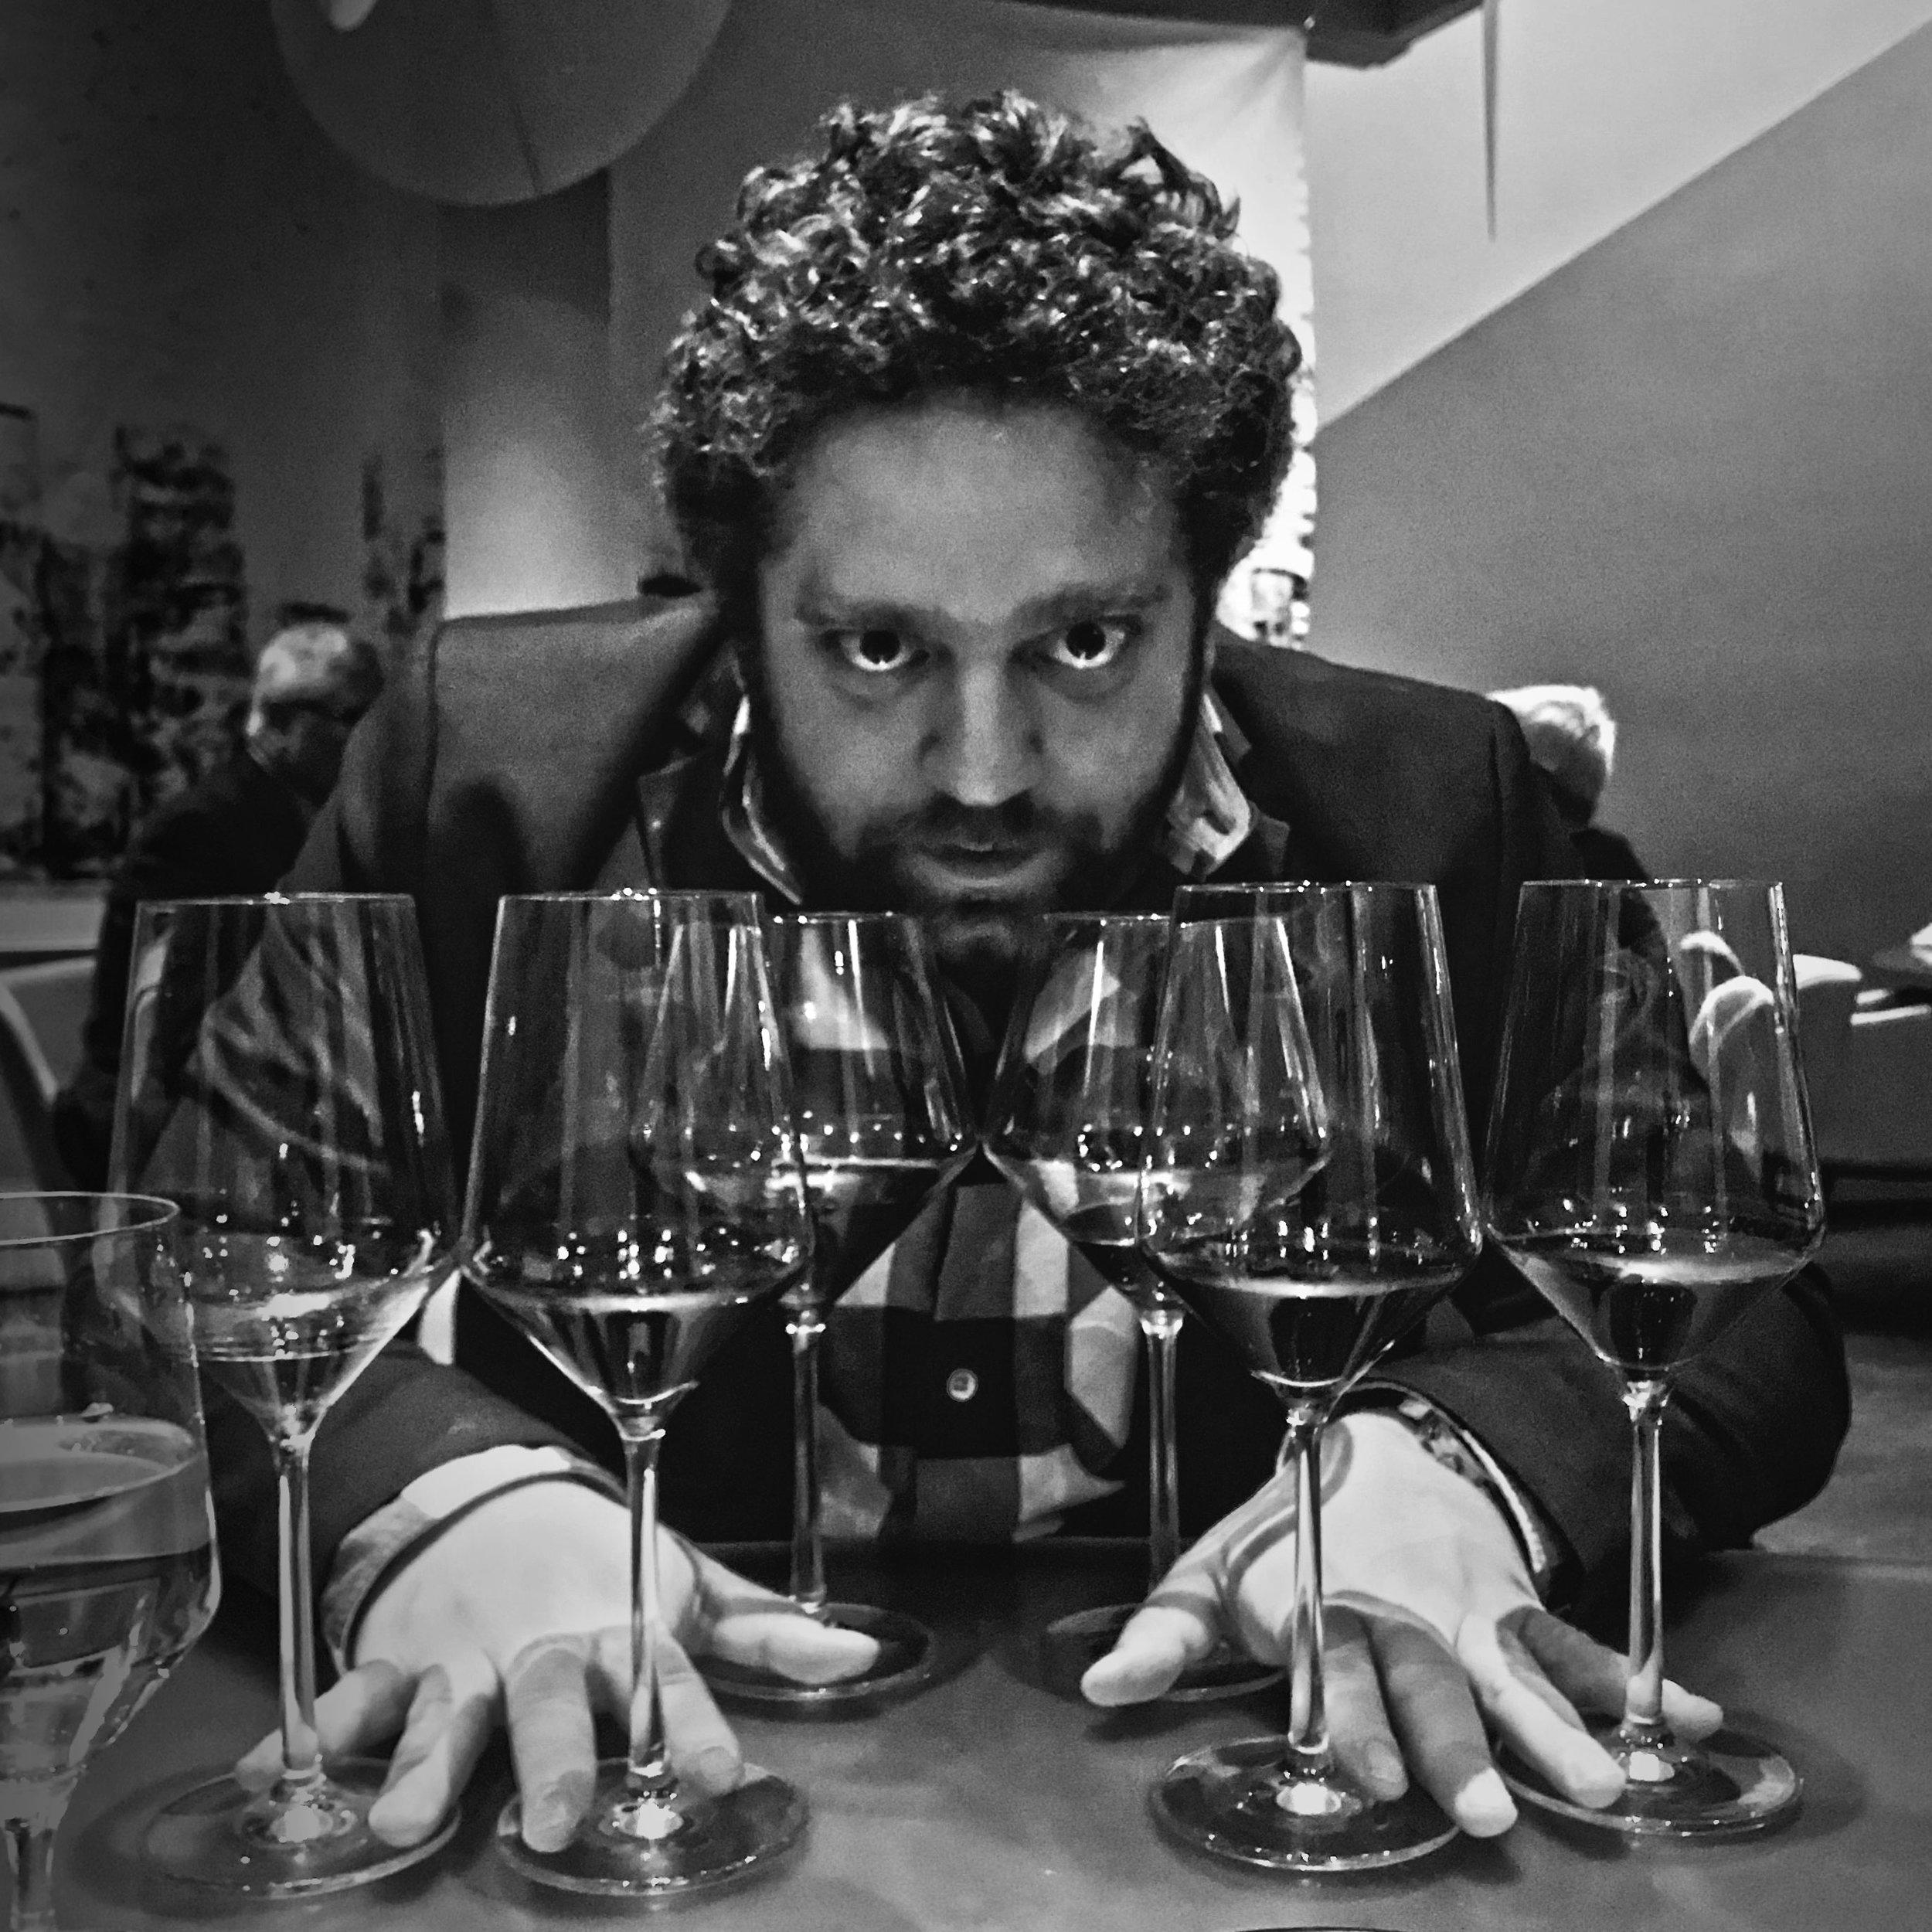 Lex faces off against six glasses of grape juice.